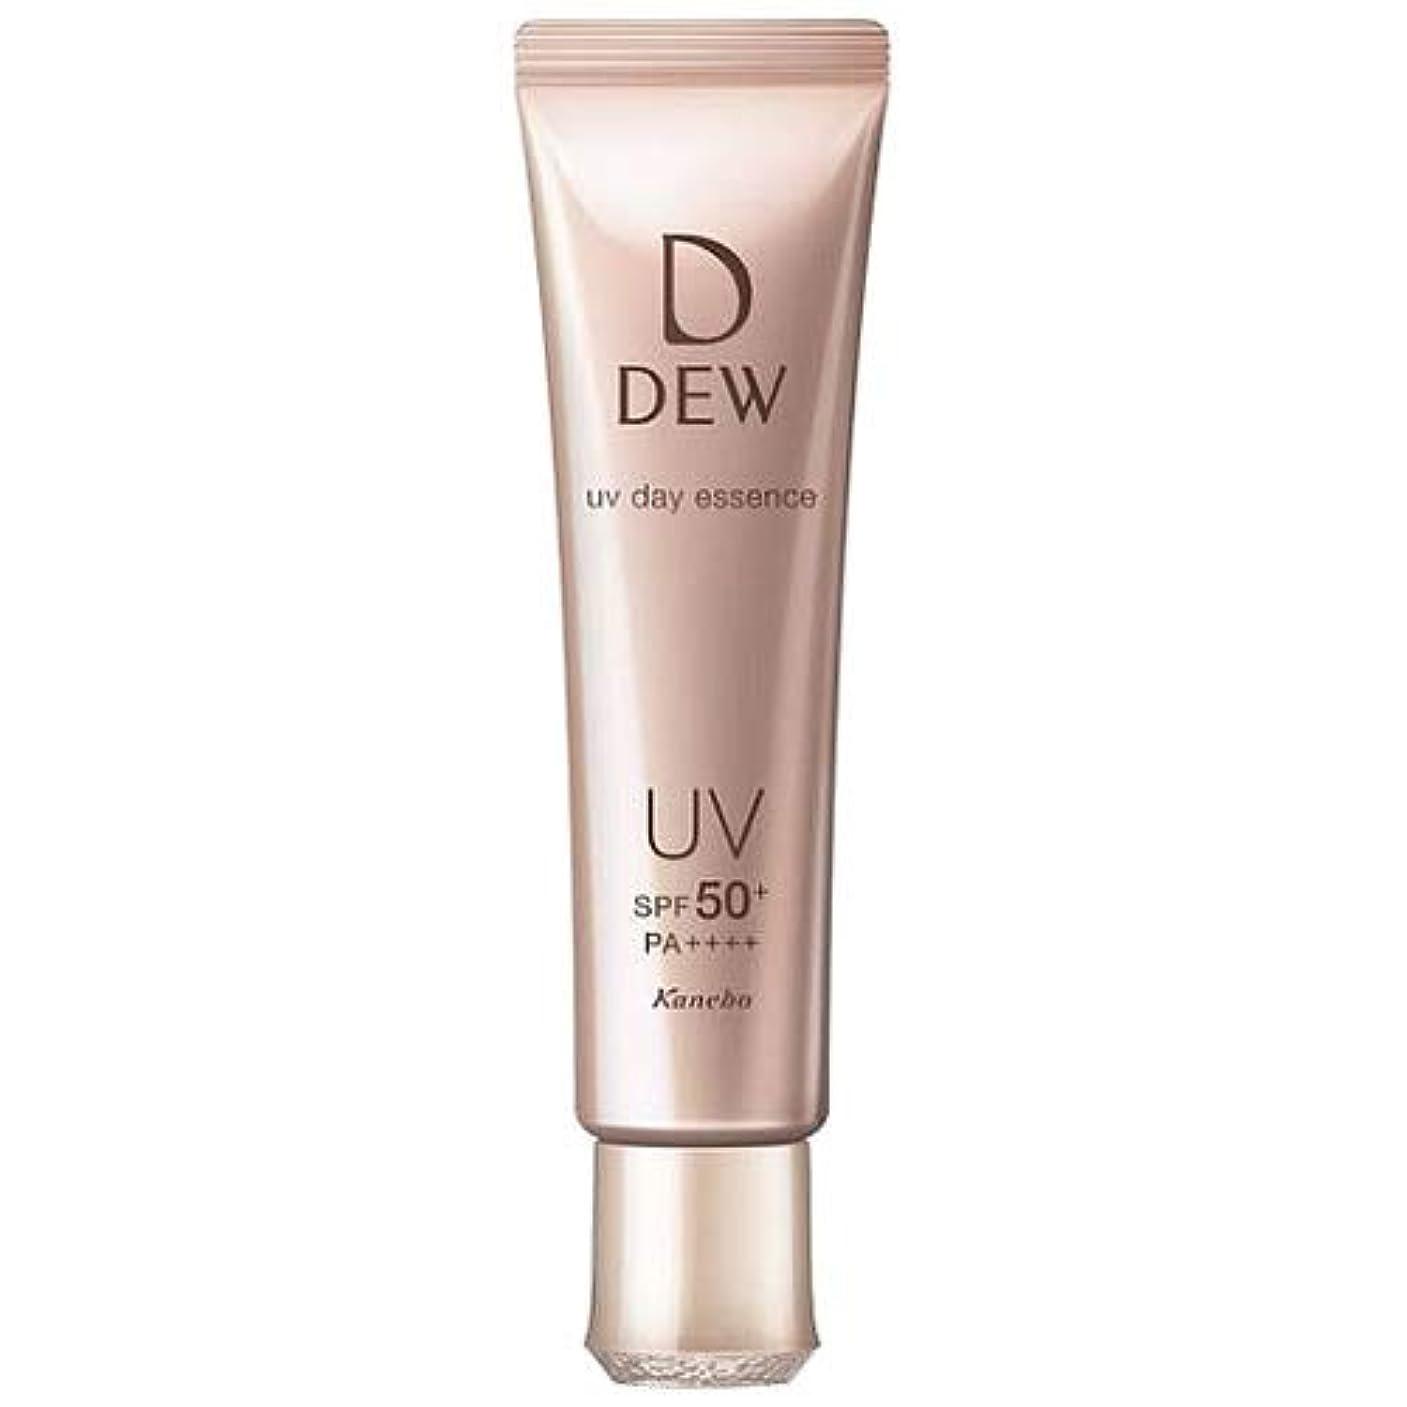 むしゃむしゃ商品害カネボウ DEW UVデイエッセンス 40g UV美容液 SPF50+?PA++++ [並行輸入品]